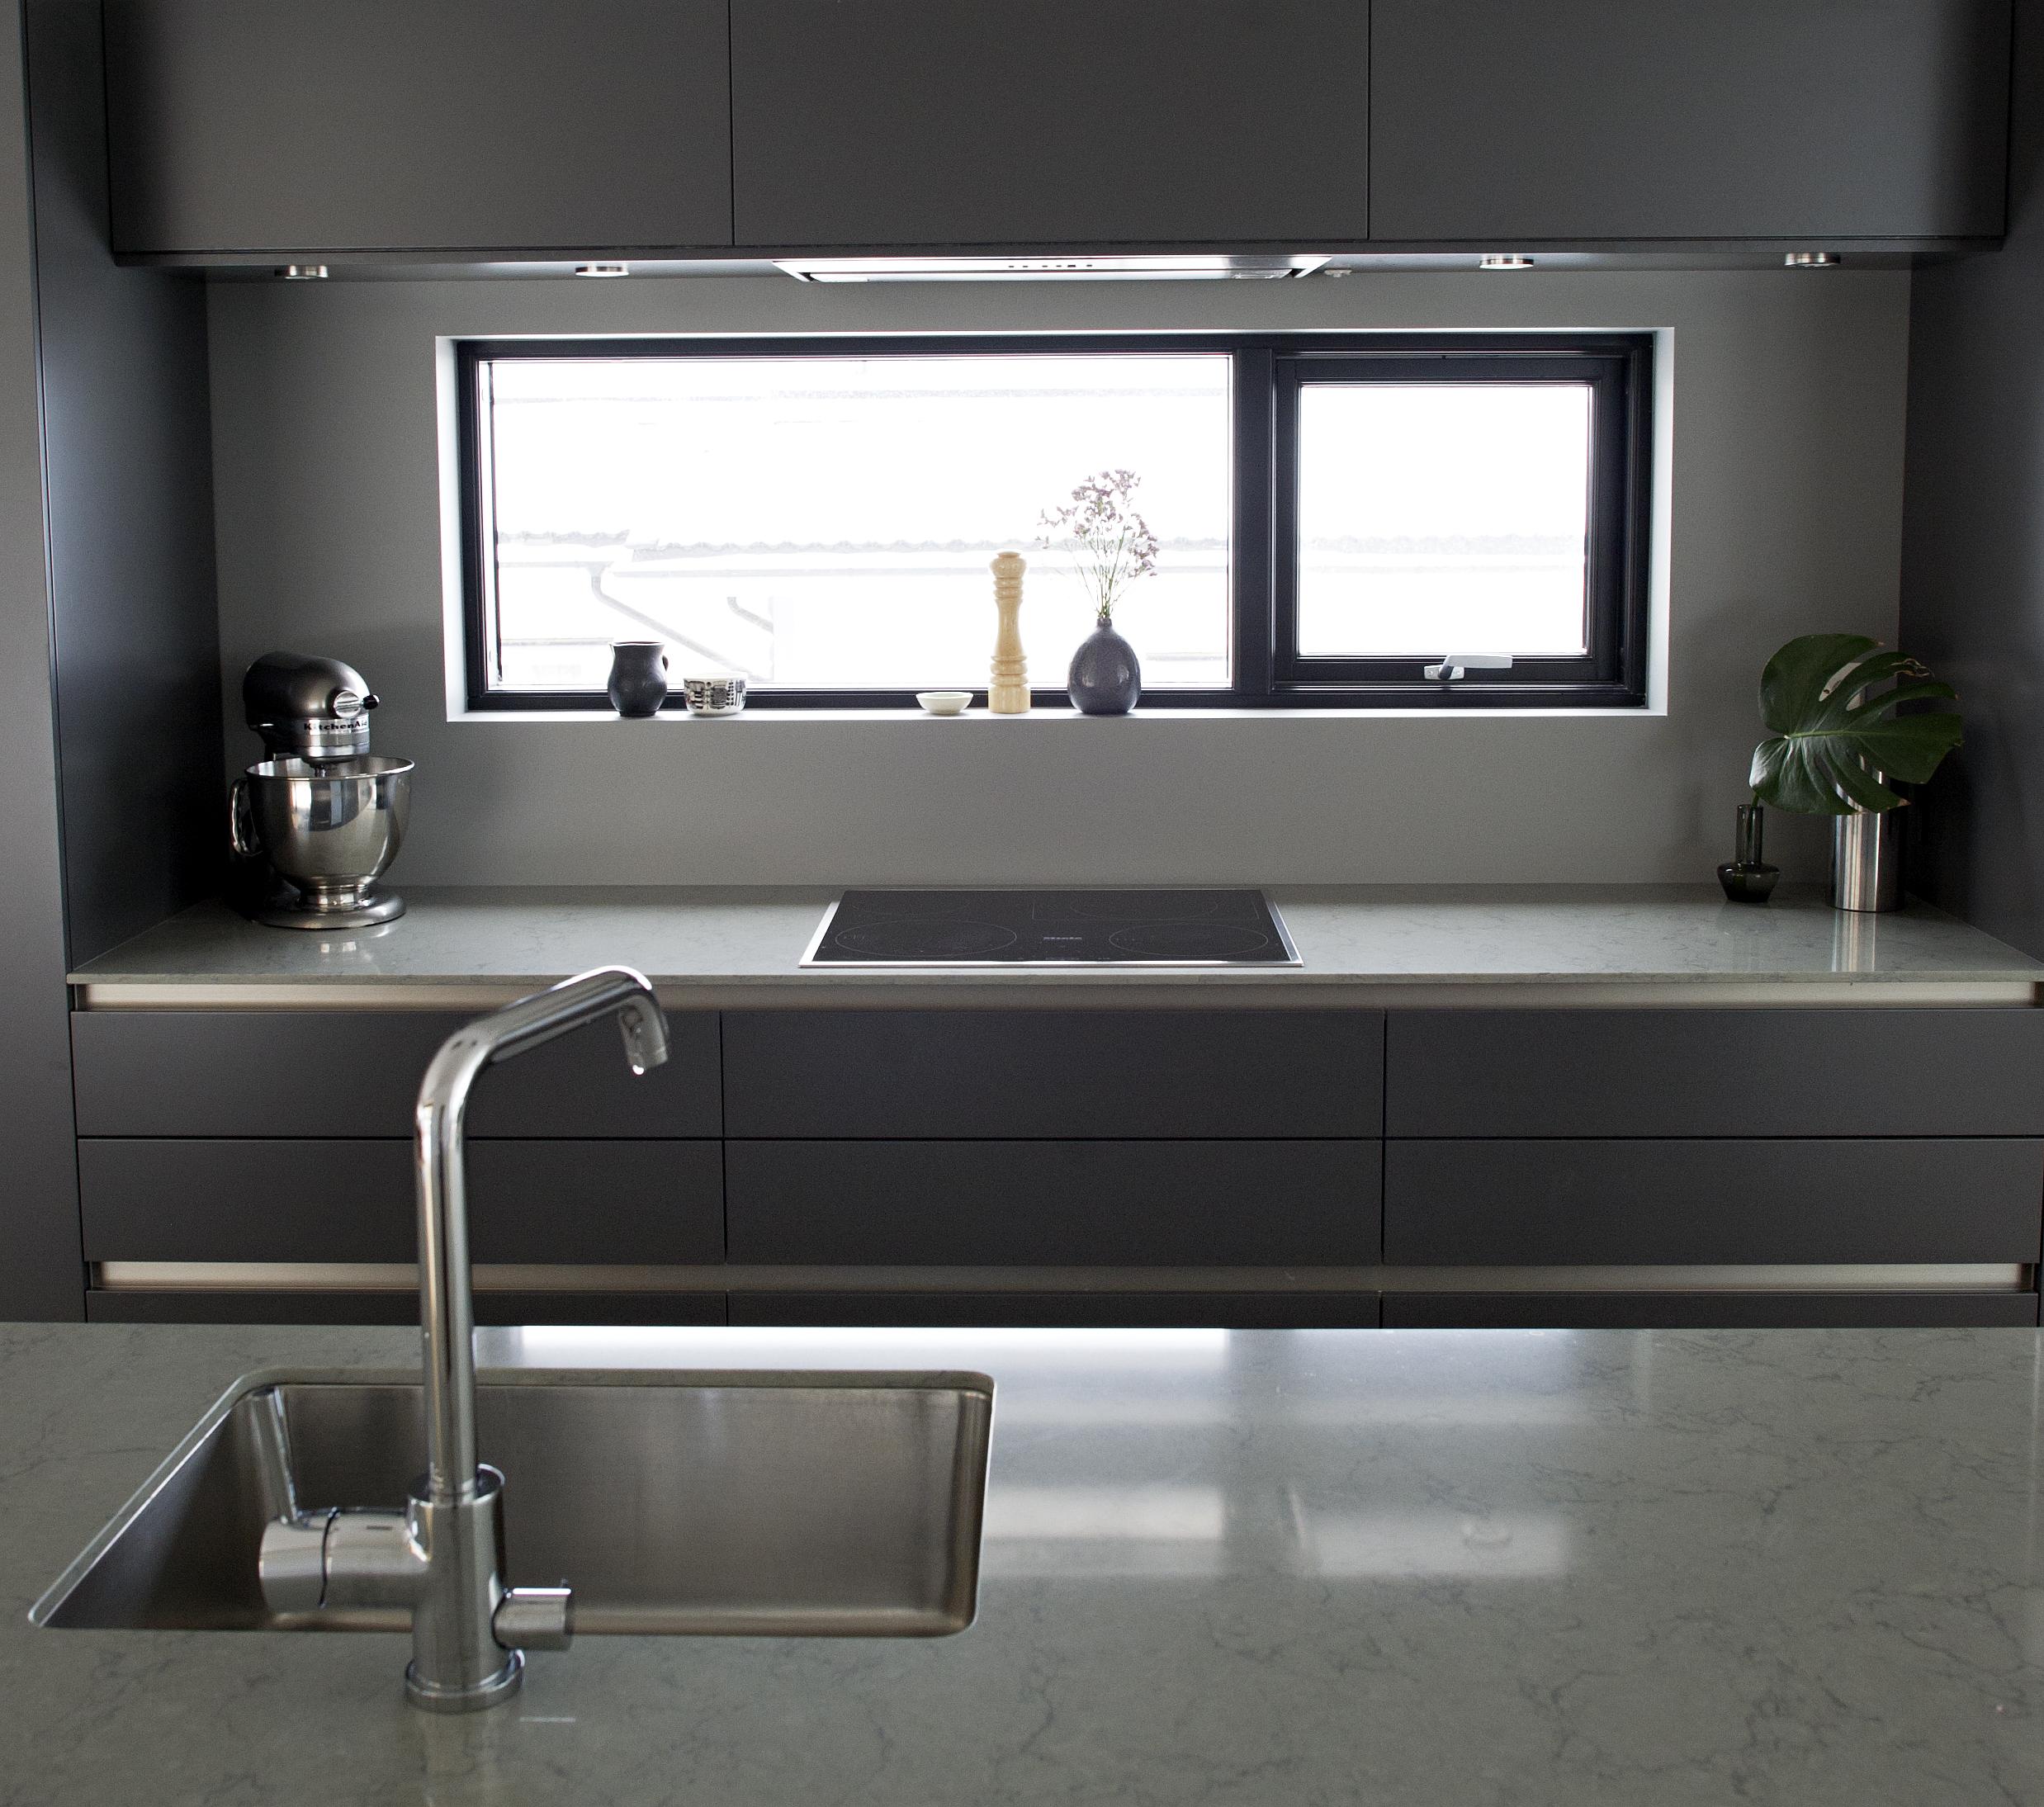 Tegneprogram Kjøkken: Kjøkkenbilder ? Se alle bildene våre i ...